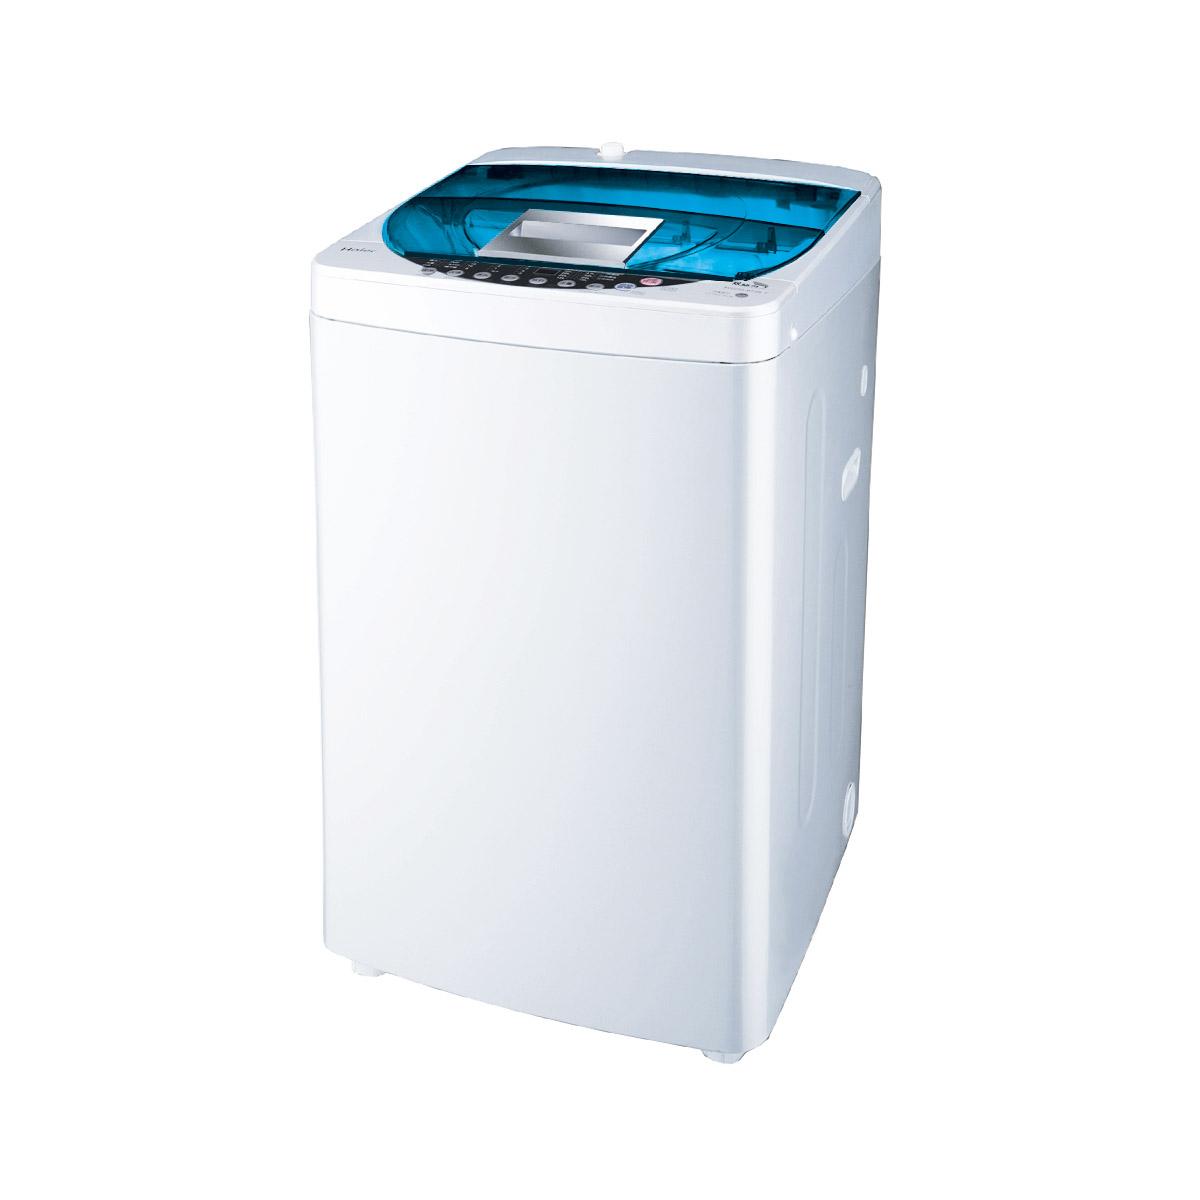 haier washing machine price